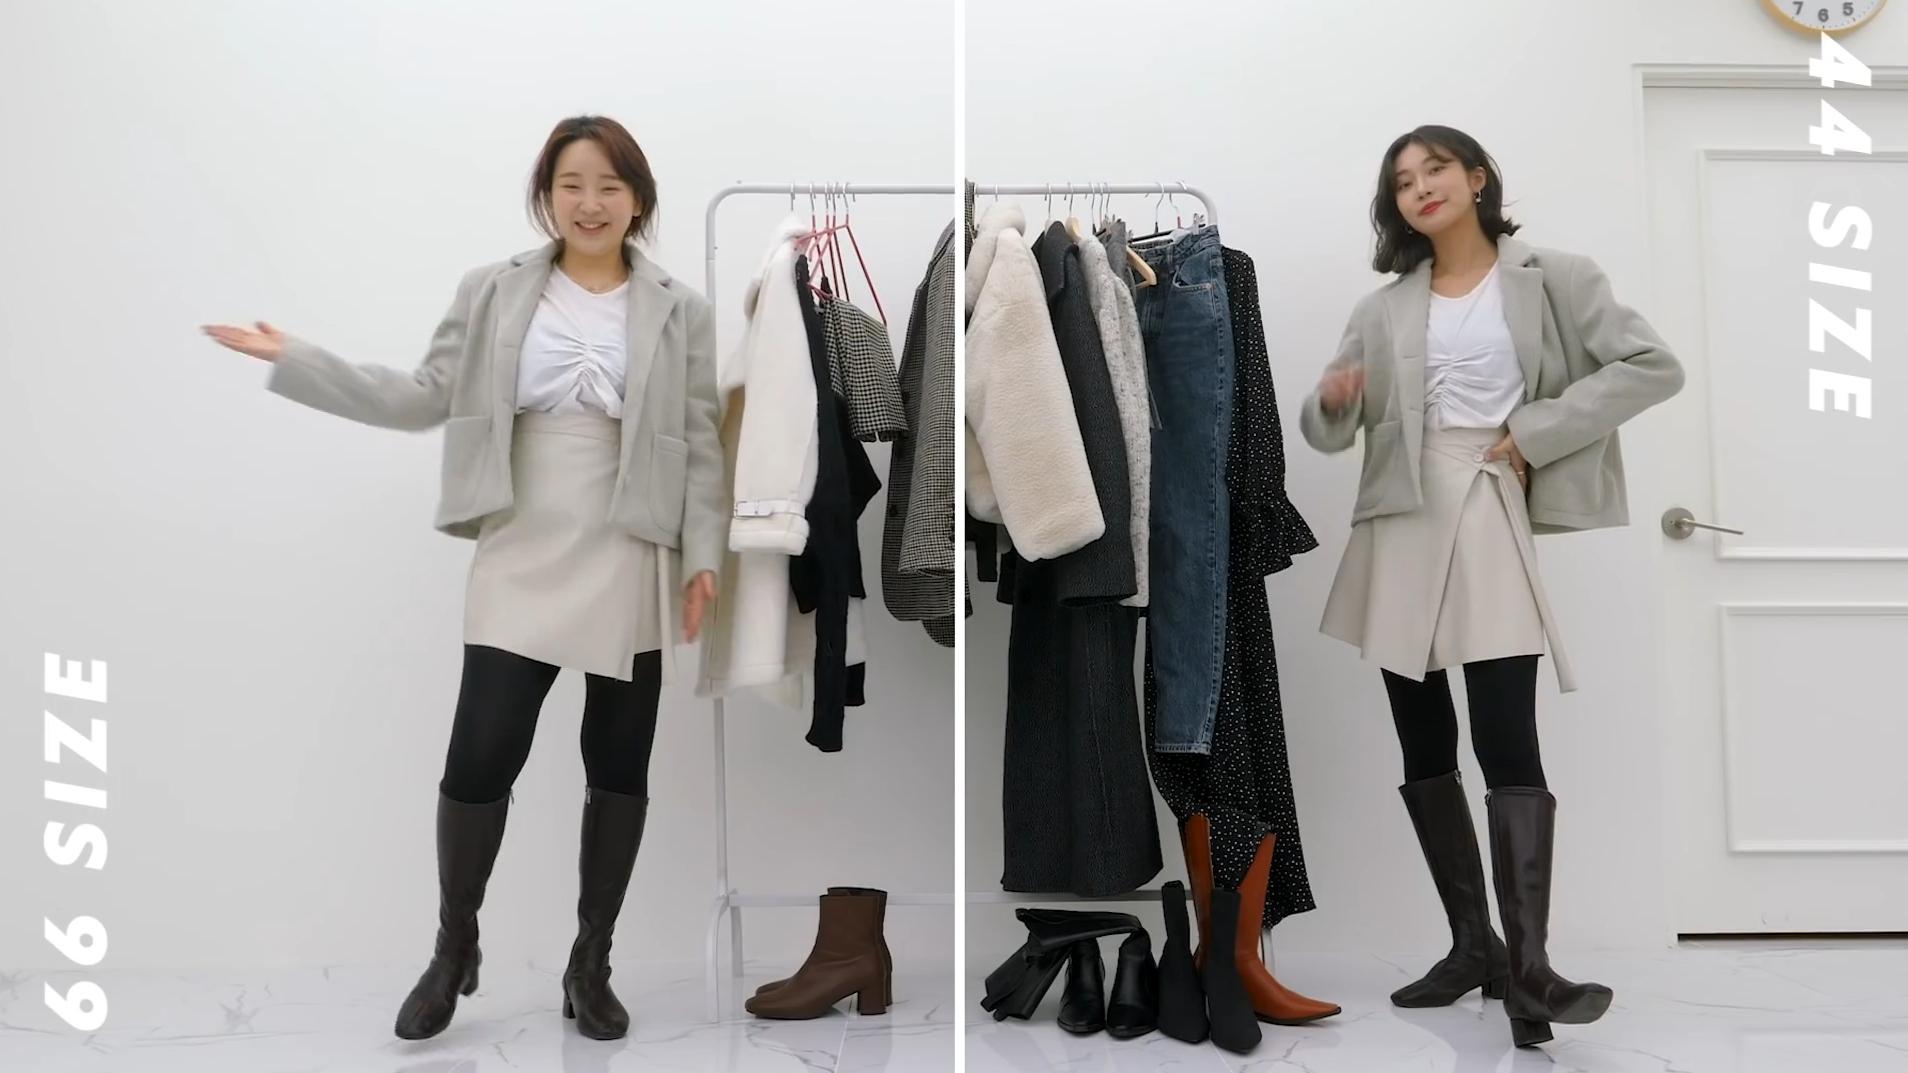 65kg VS 45kg ~看不同身材的小姐姐穿同一套服装